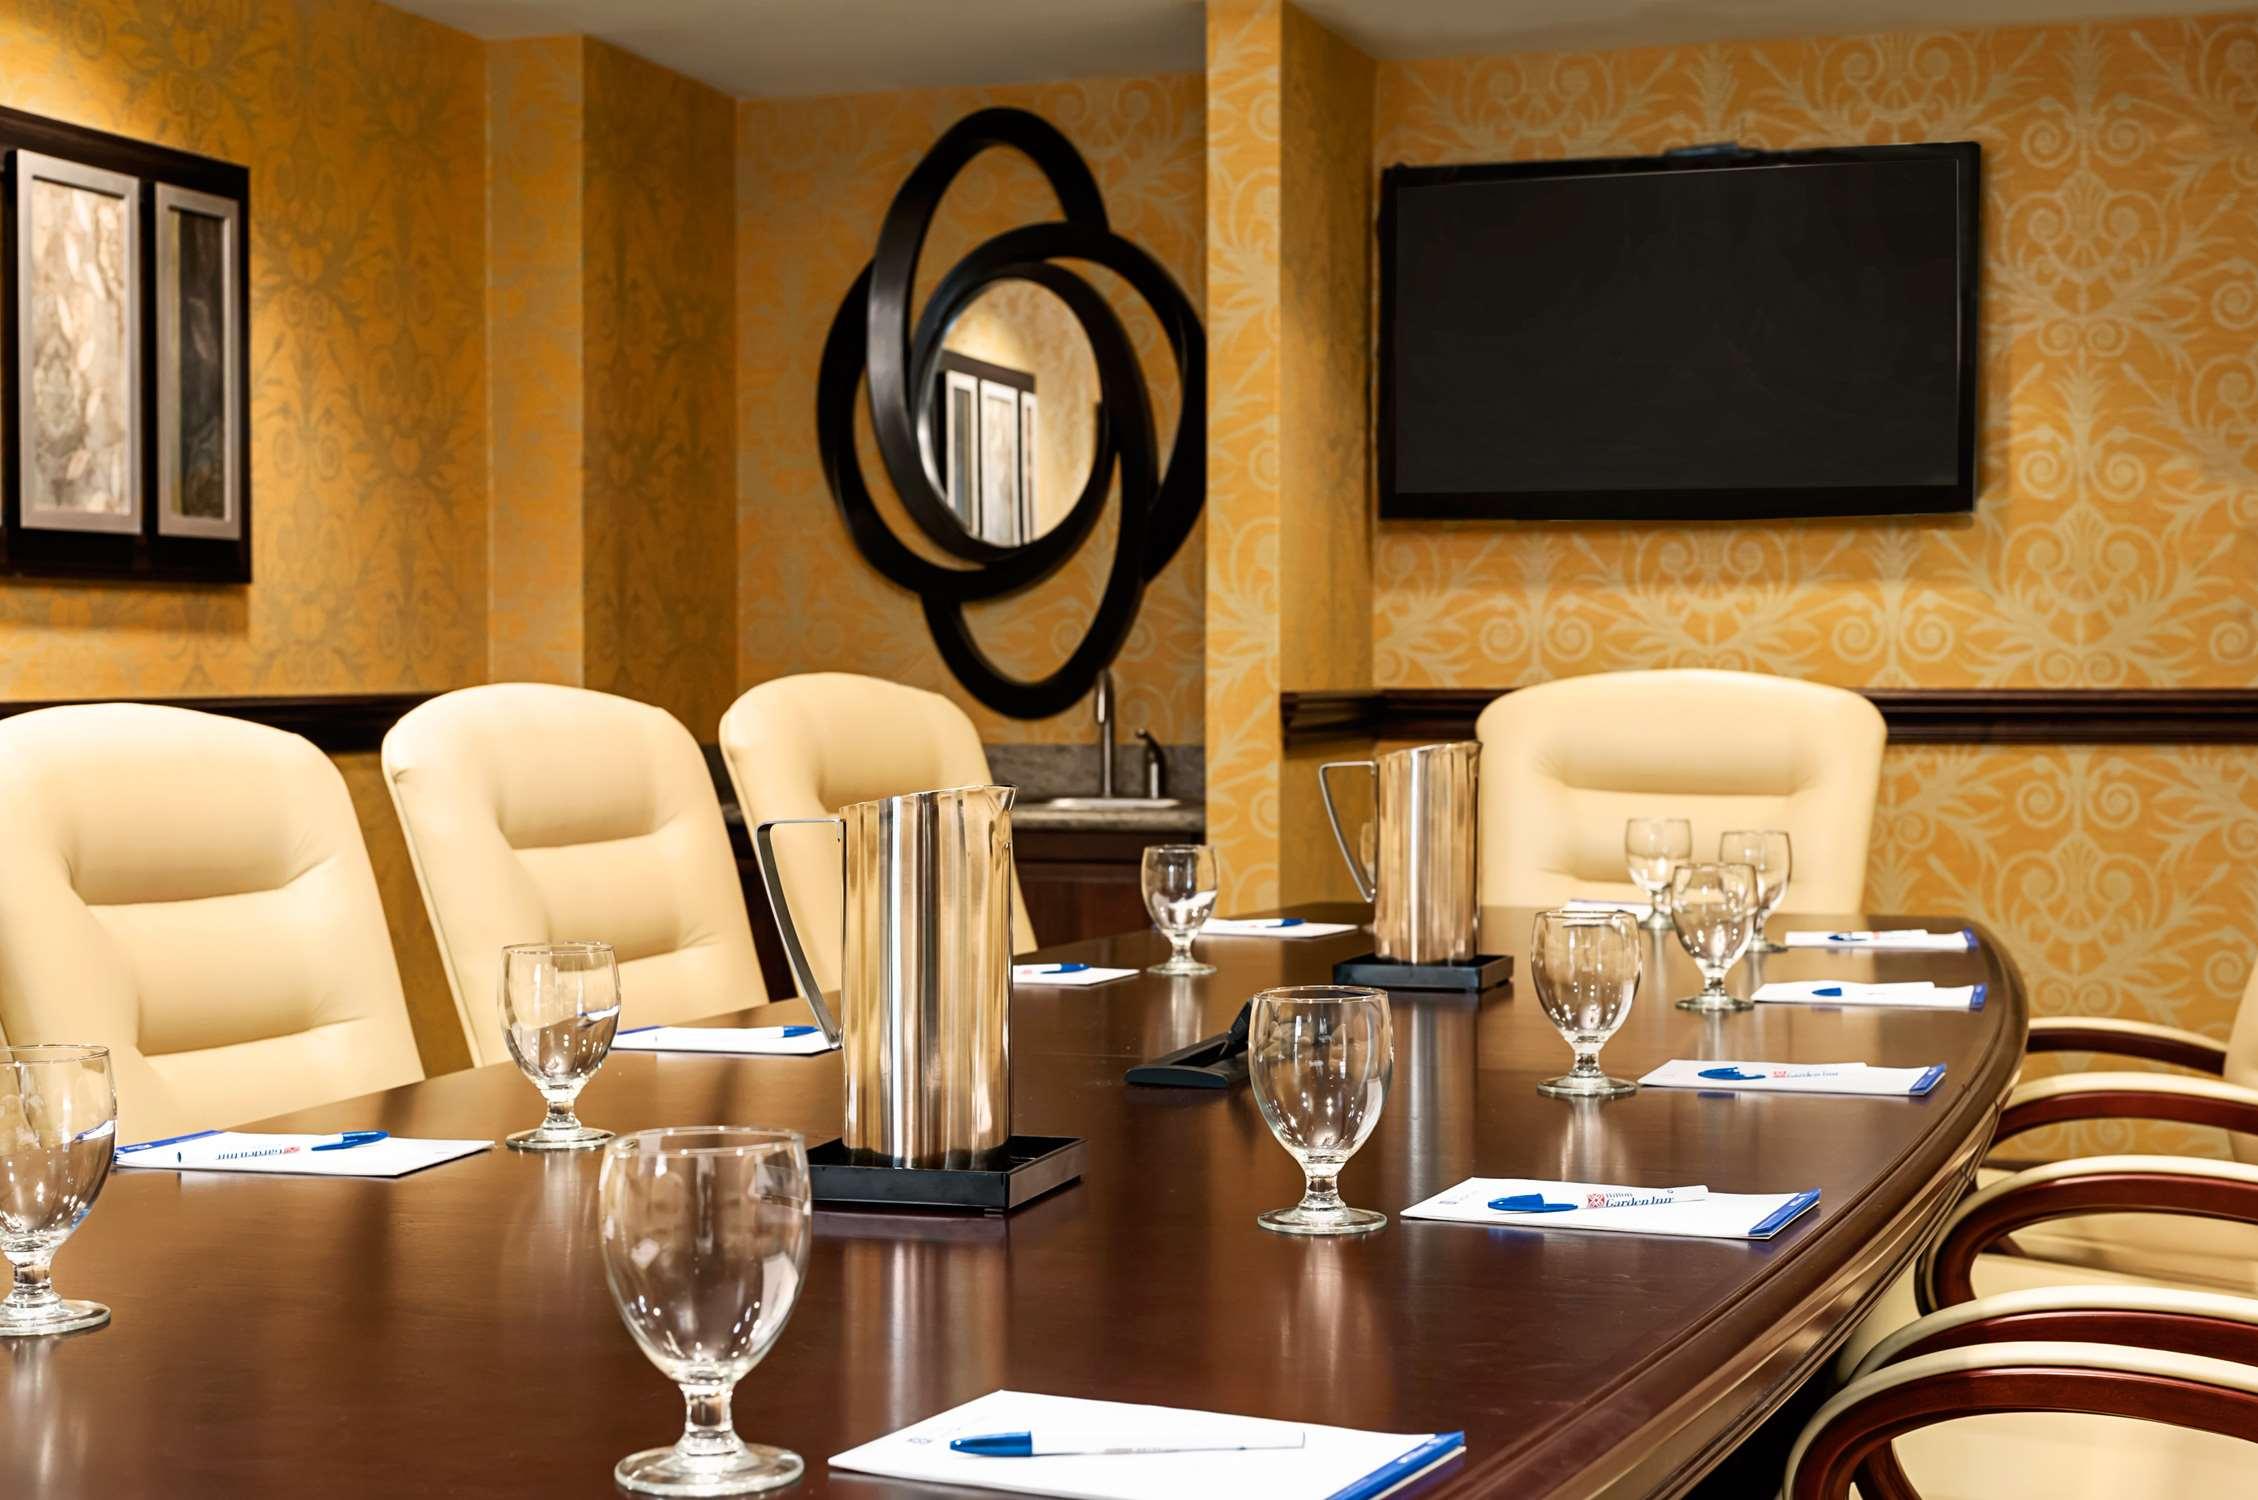 Hilton Garden Inn Shreveport Bossier City image 15